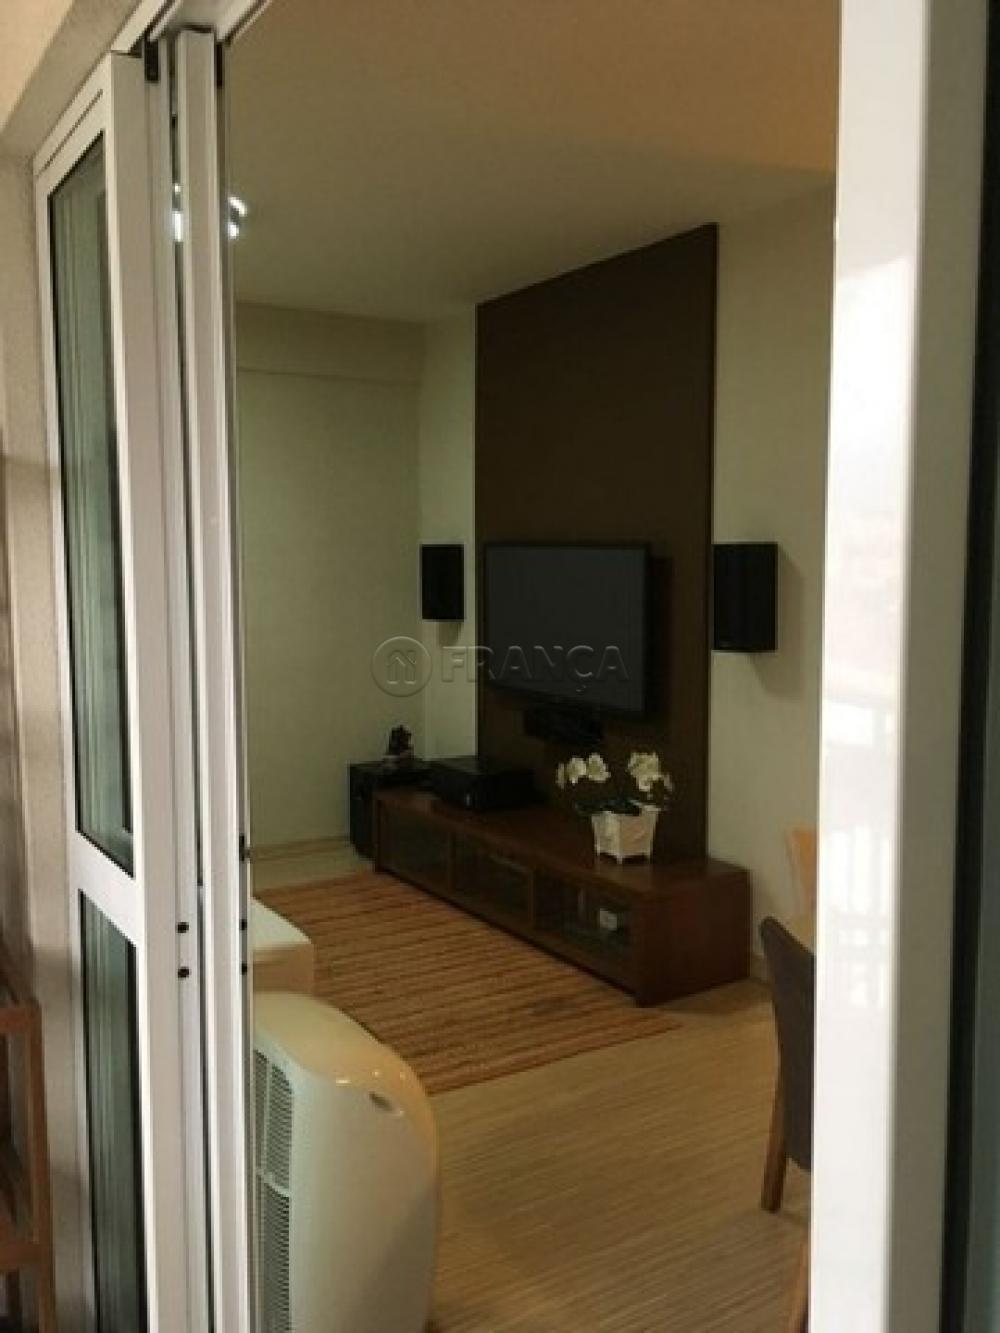 Comprar Apartamento / Padrão em São José dos Campos R$ 785.000,00 - Foto 9